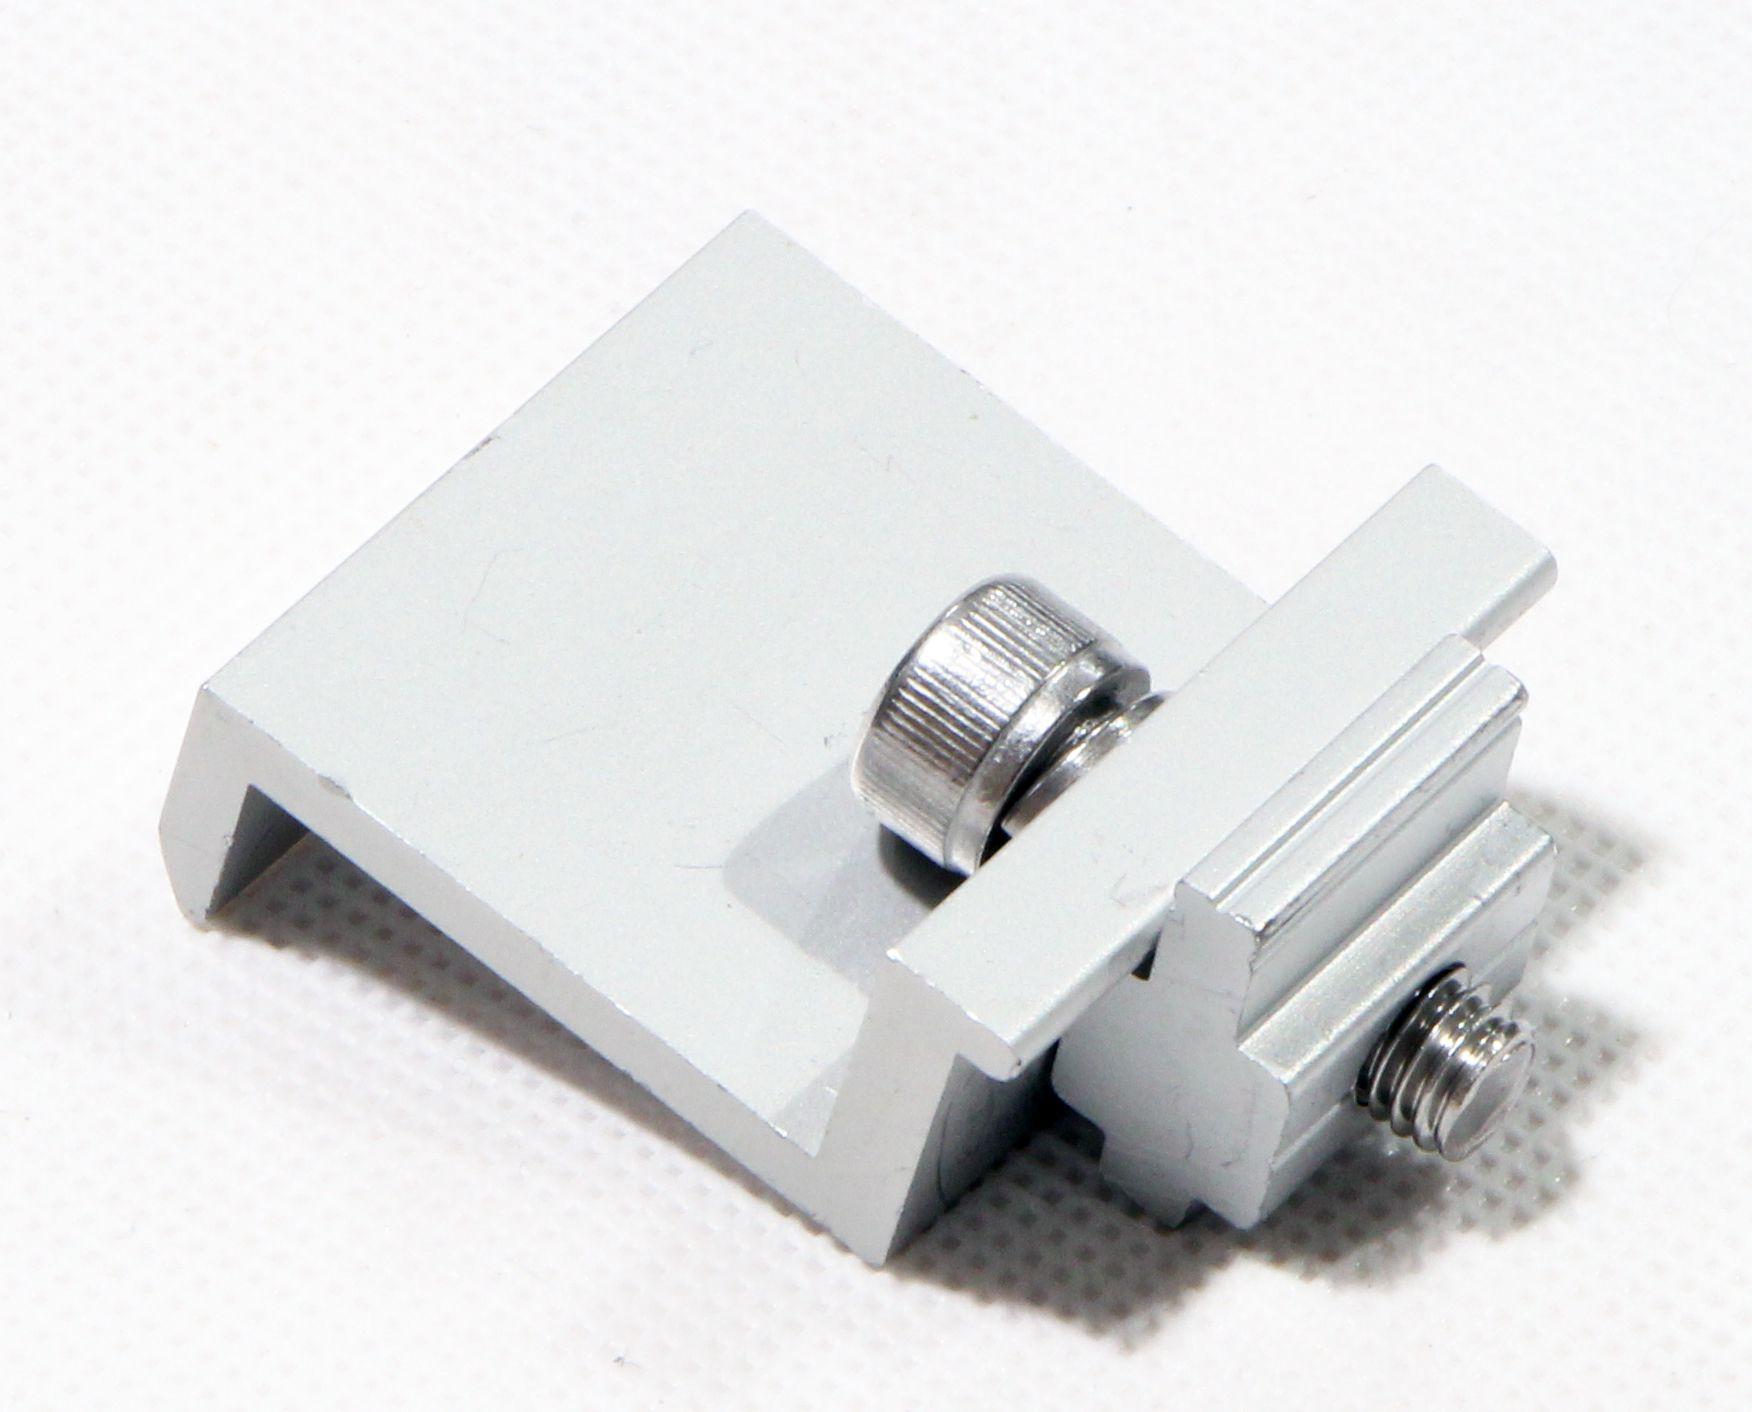 Боковой фиксатор для солнечных батарей толщиной 35-40-45-50 мм